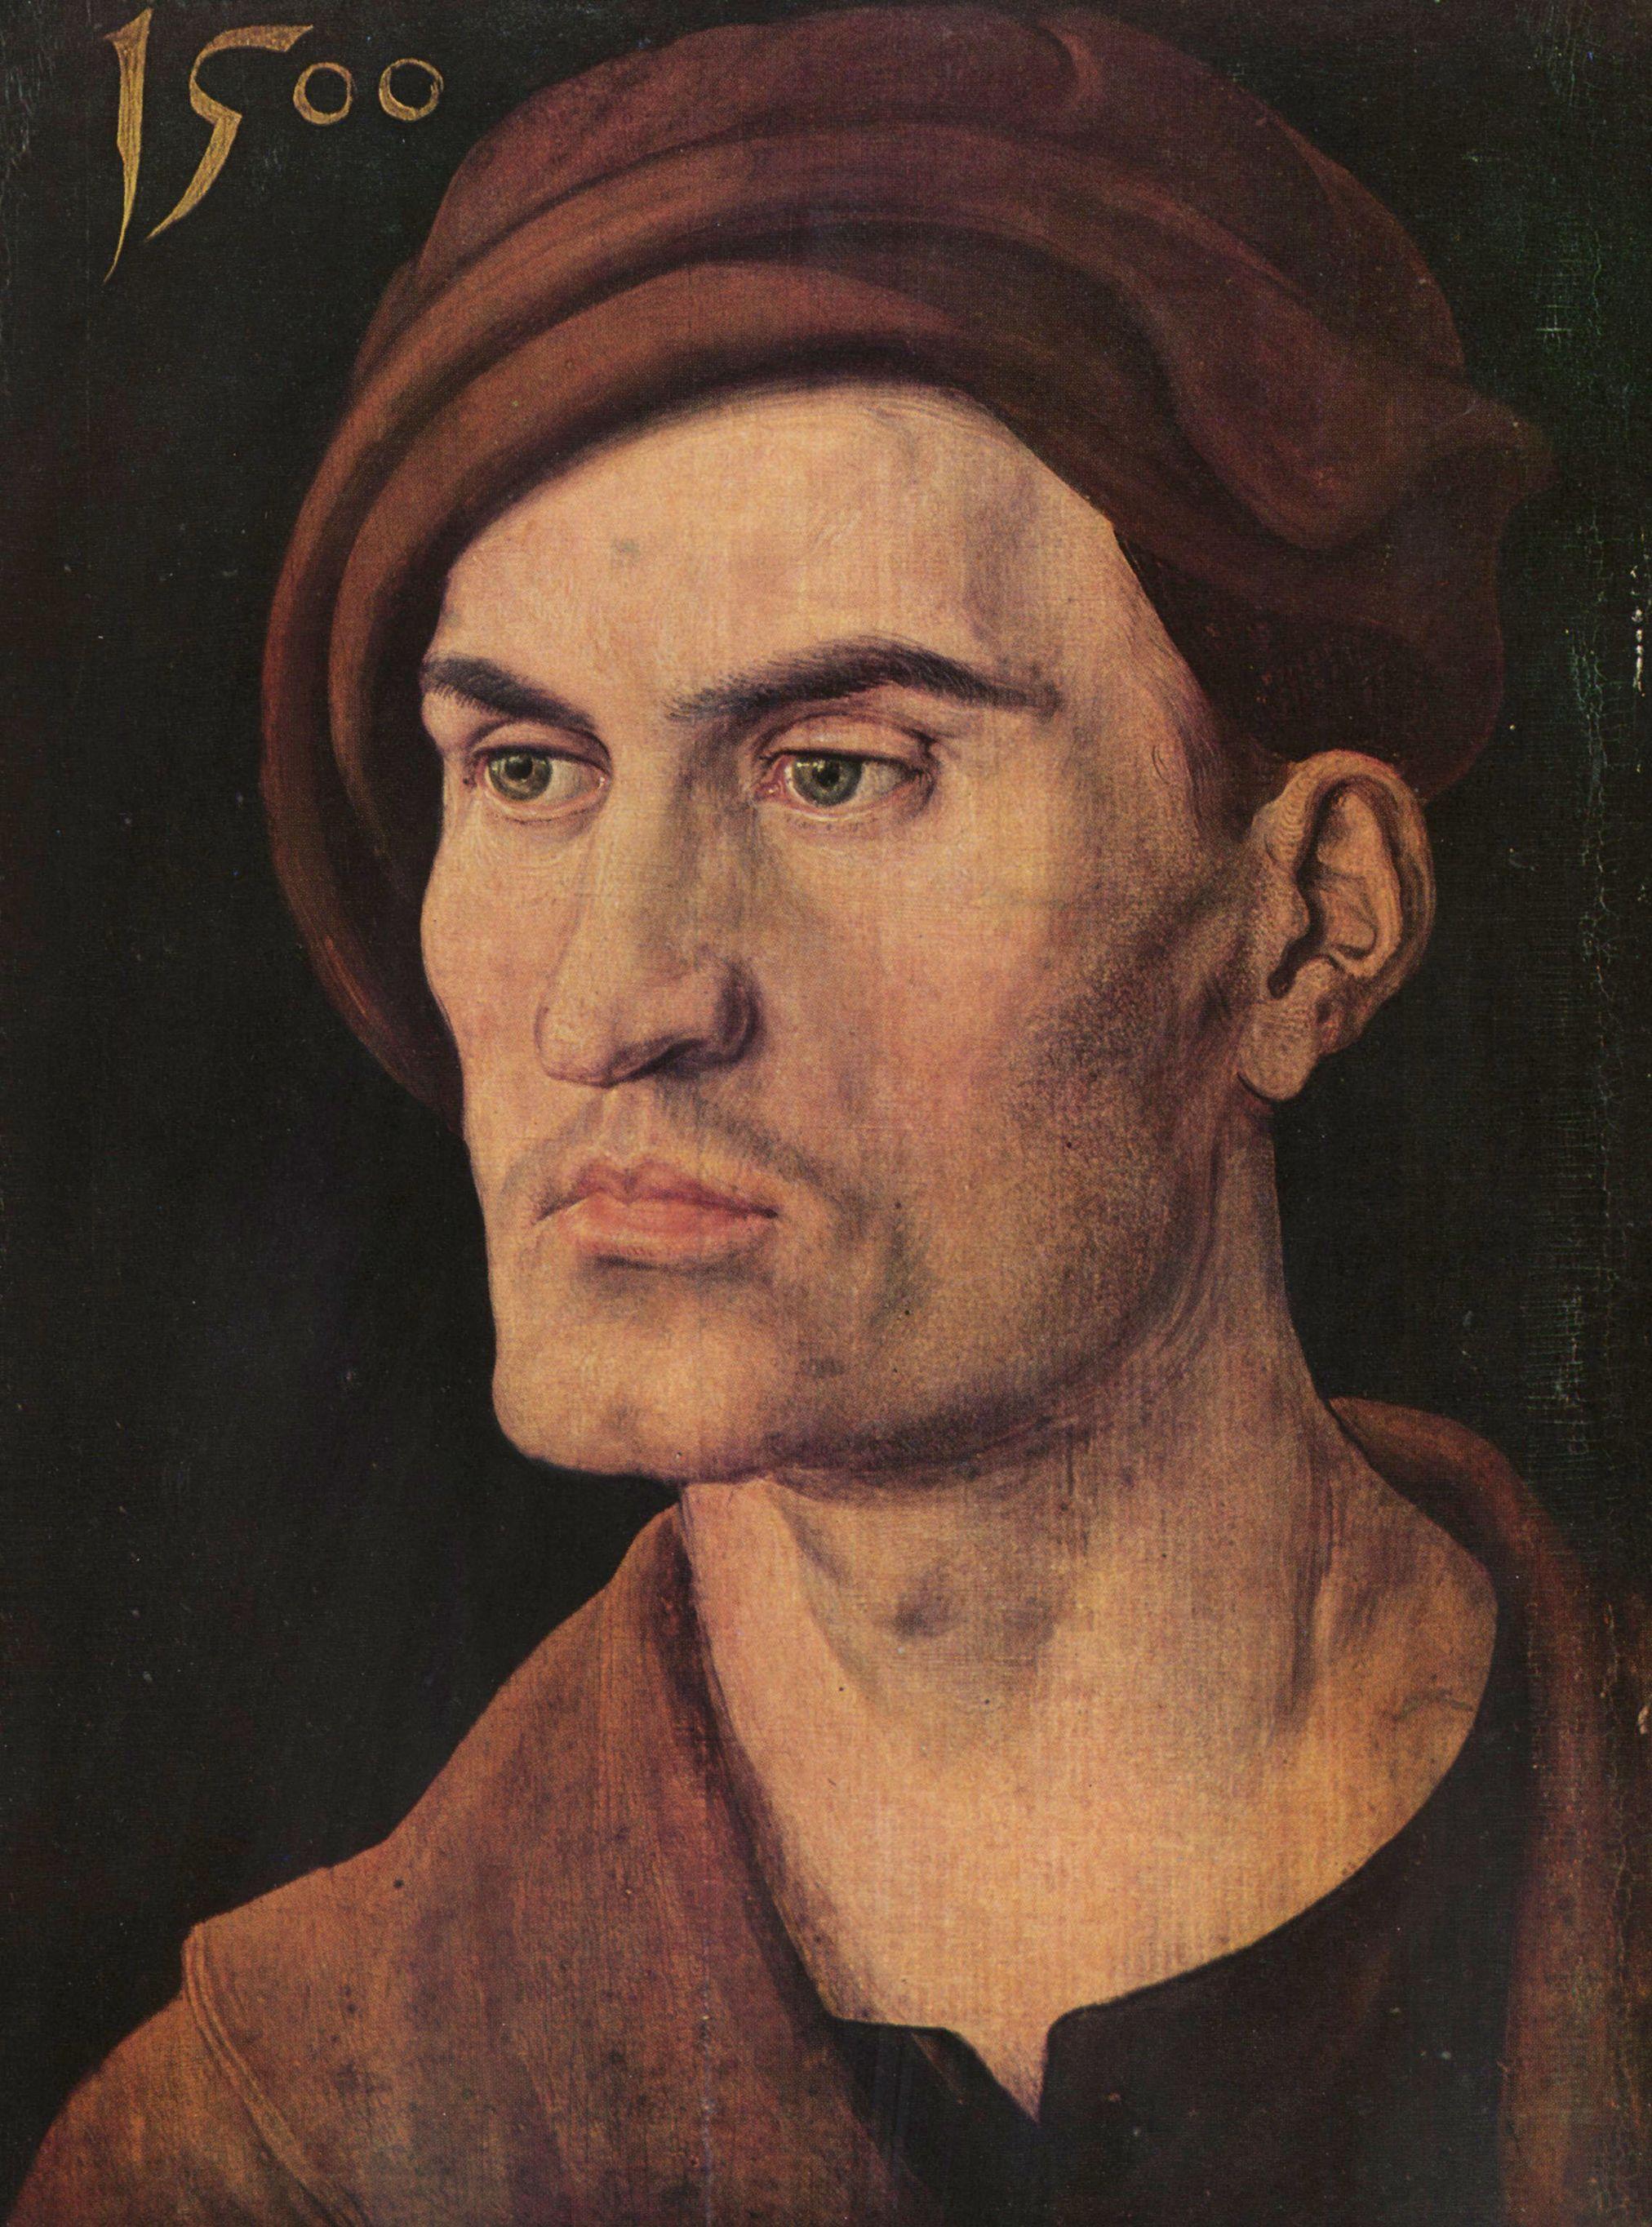 Großbild: Albrecht Dürer: Porträt eines jungen Mannes